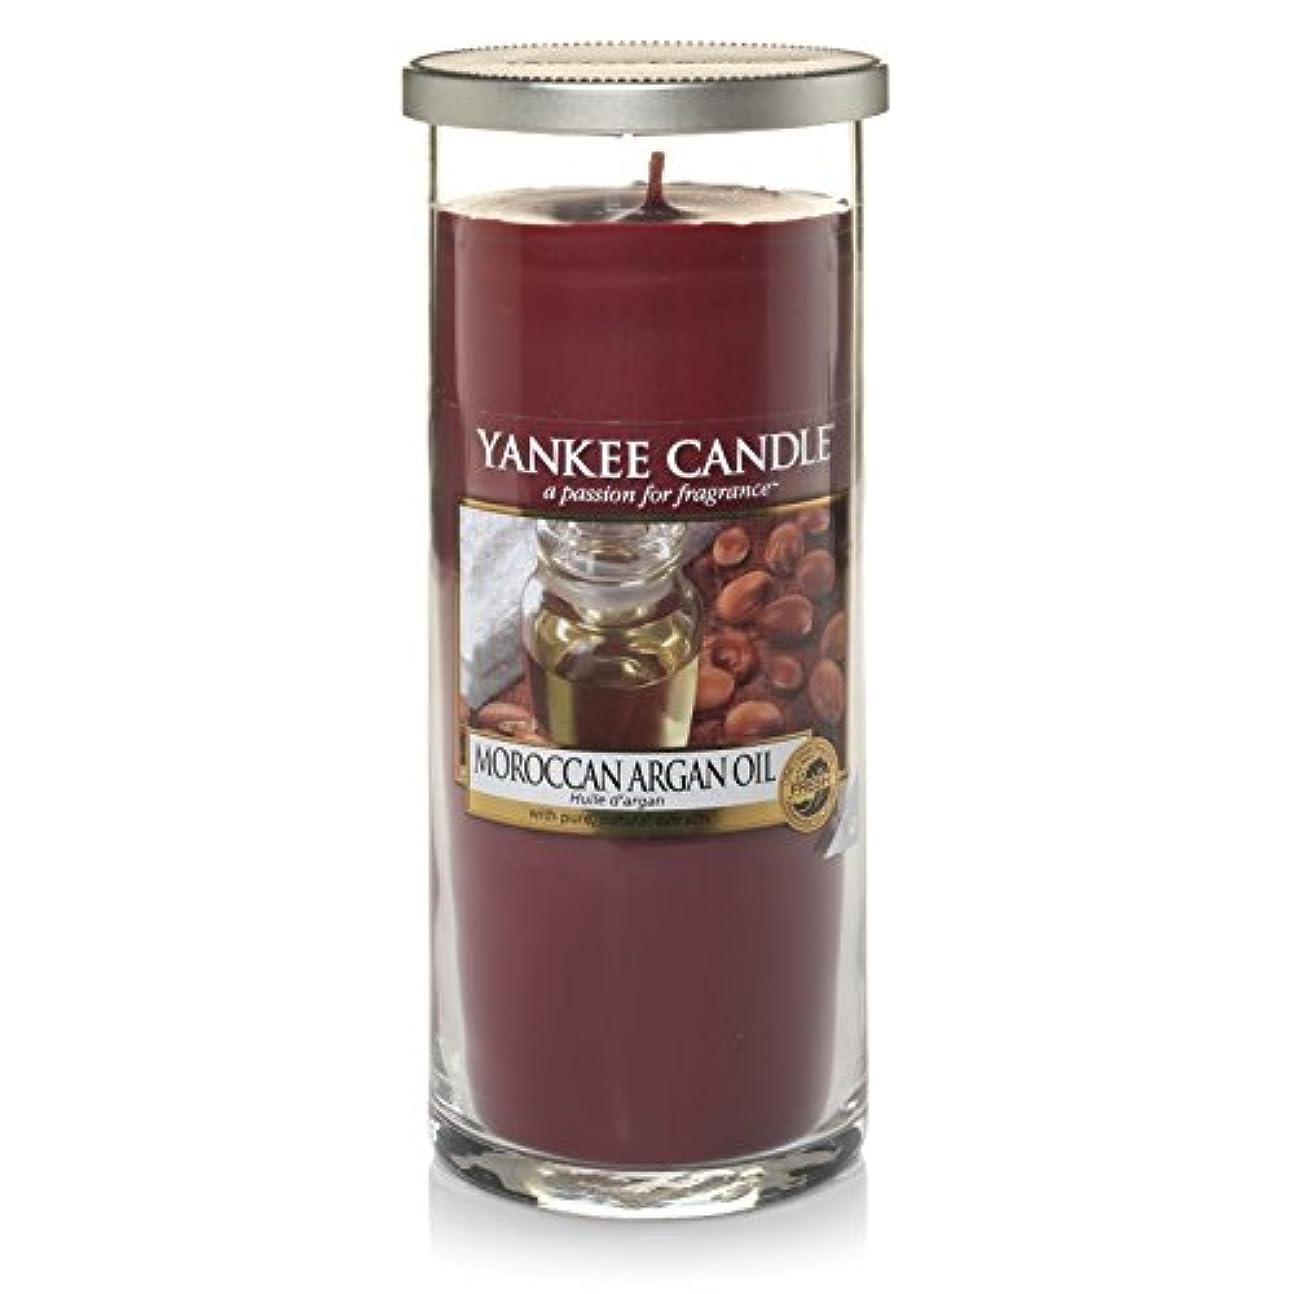 太平洋諸島拒絶おもちゃYankee Candles Large Pillar Candle - Moroccan Argan Oil (Pack of 2) - ヤンキーキャンドル大きな柱キャンドル - モロッコアルガンオイル (x2) [並行輸入品]